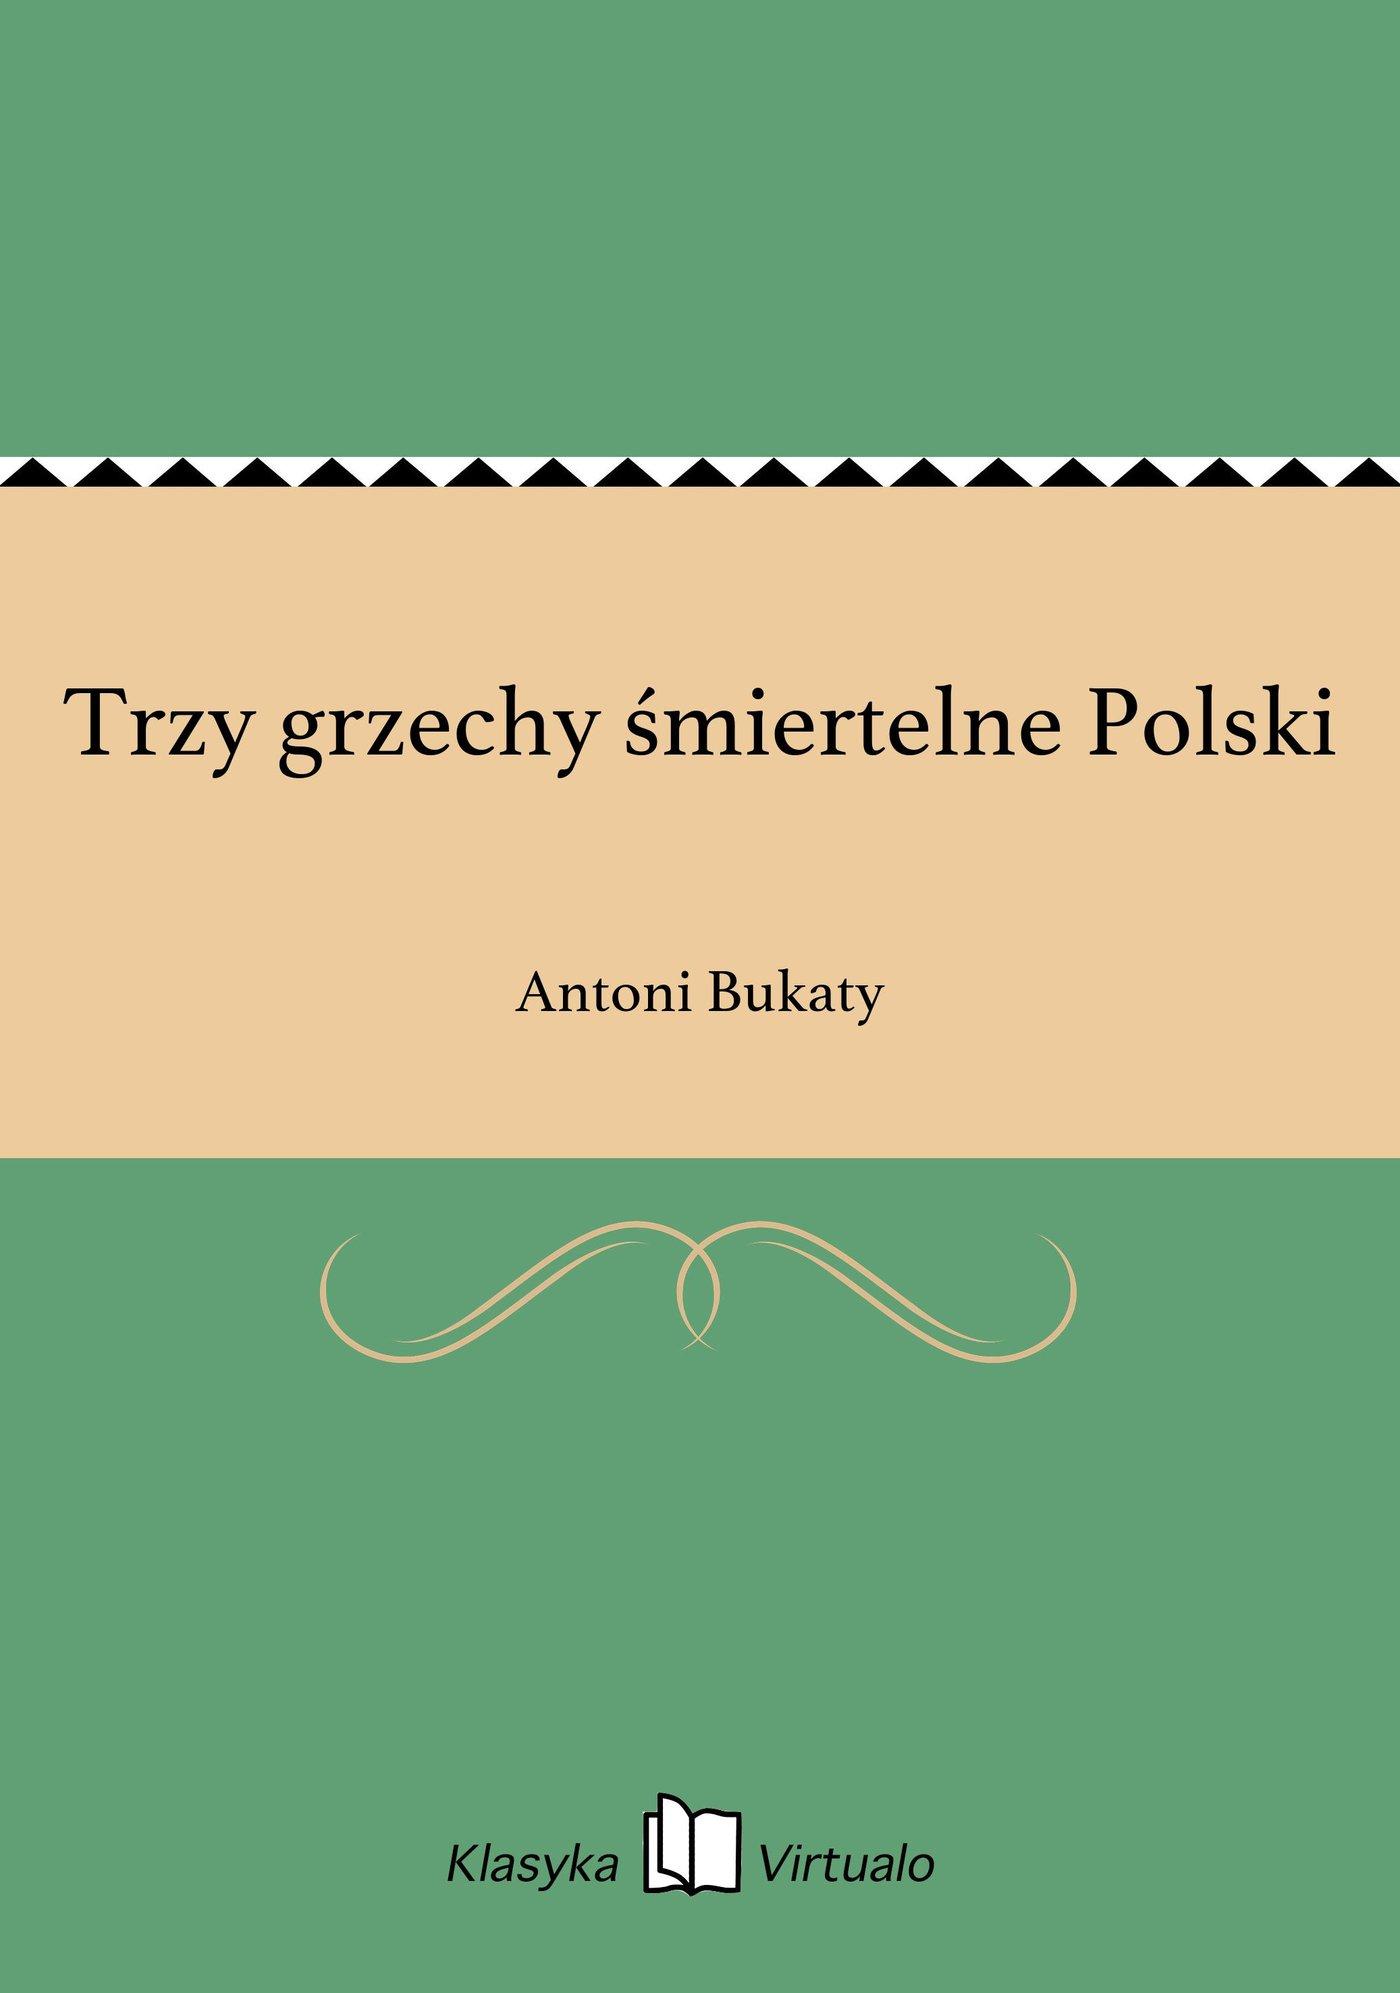 Trzy grzechy śmiertelne Polski - Ebook (Książka na Kindle) do pobrania w formacie MOBI